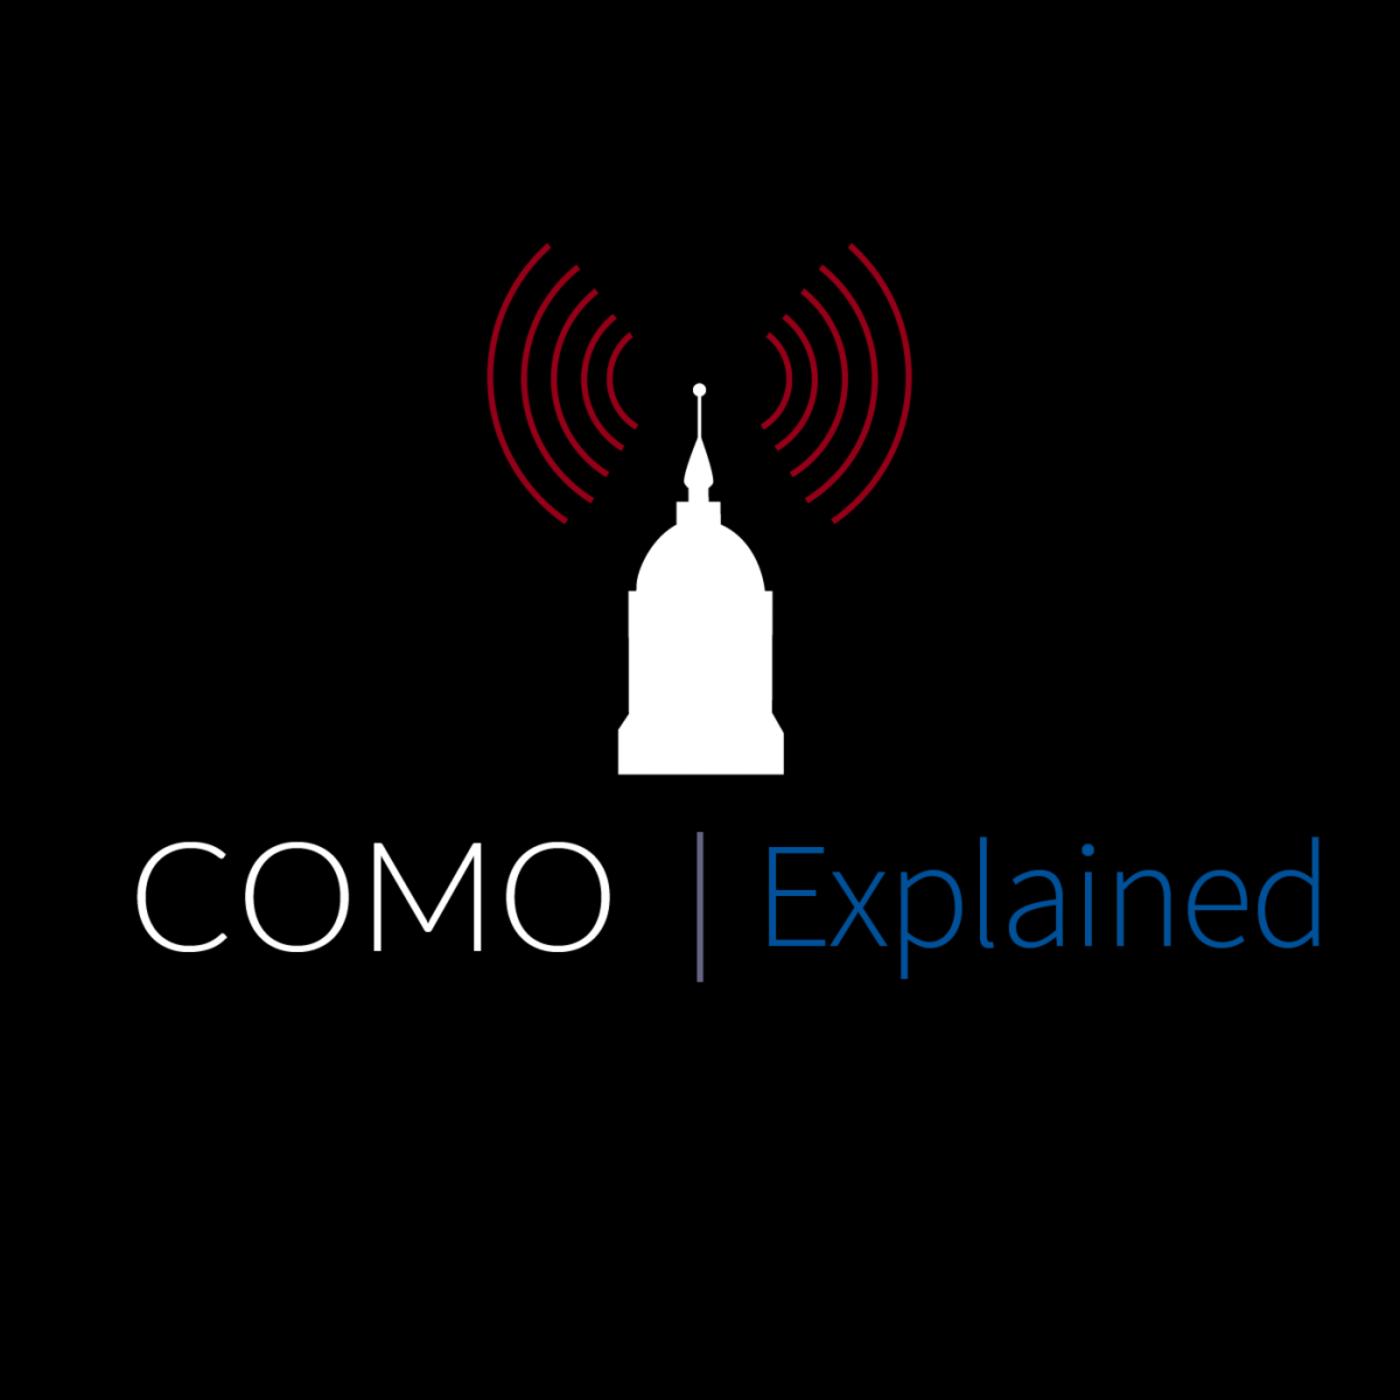 CoMo Explained